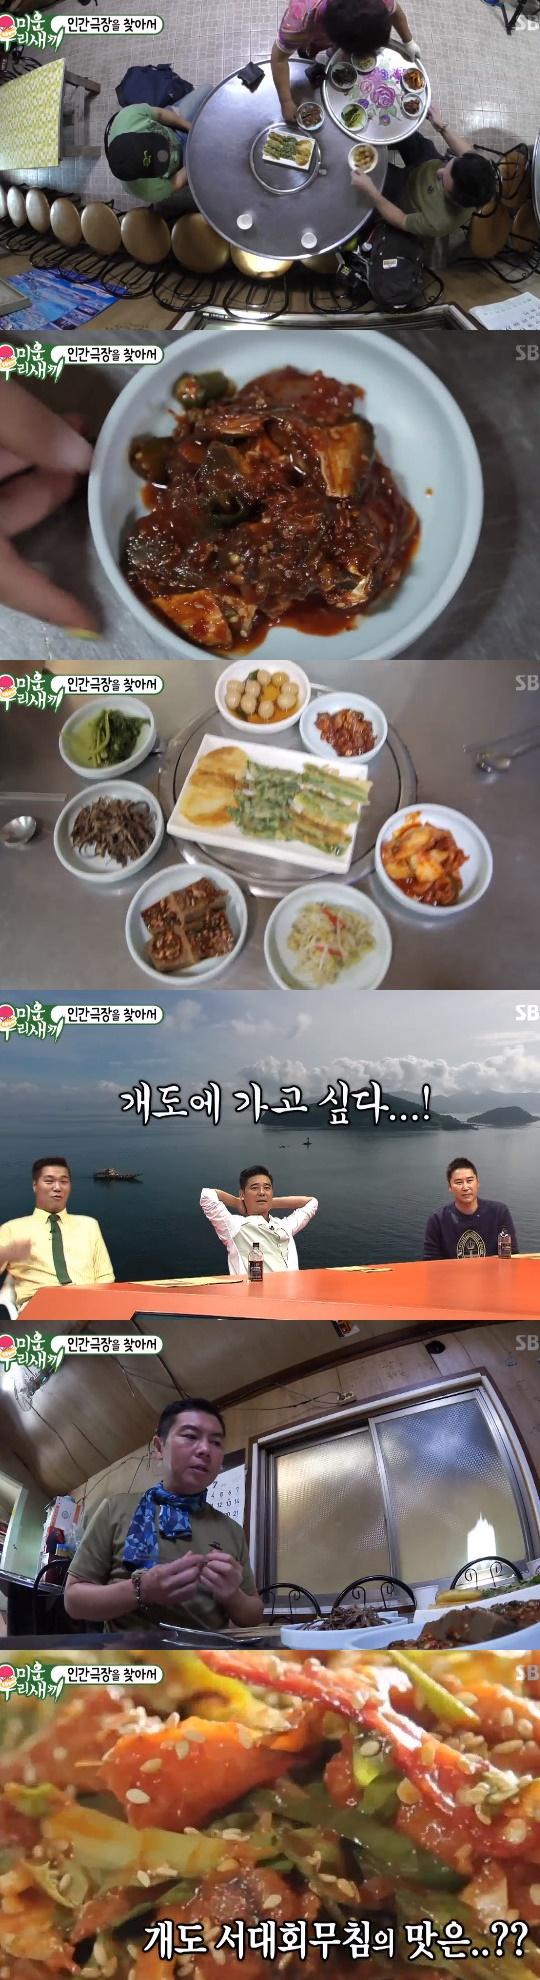 미운우리새끼 임원희 김민교 개도 여행